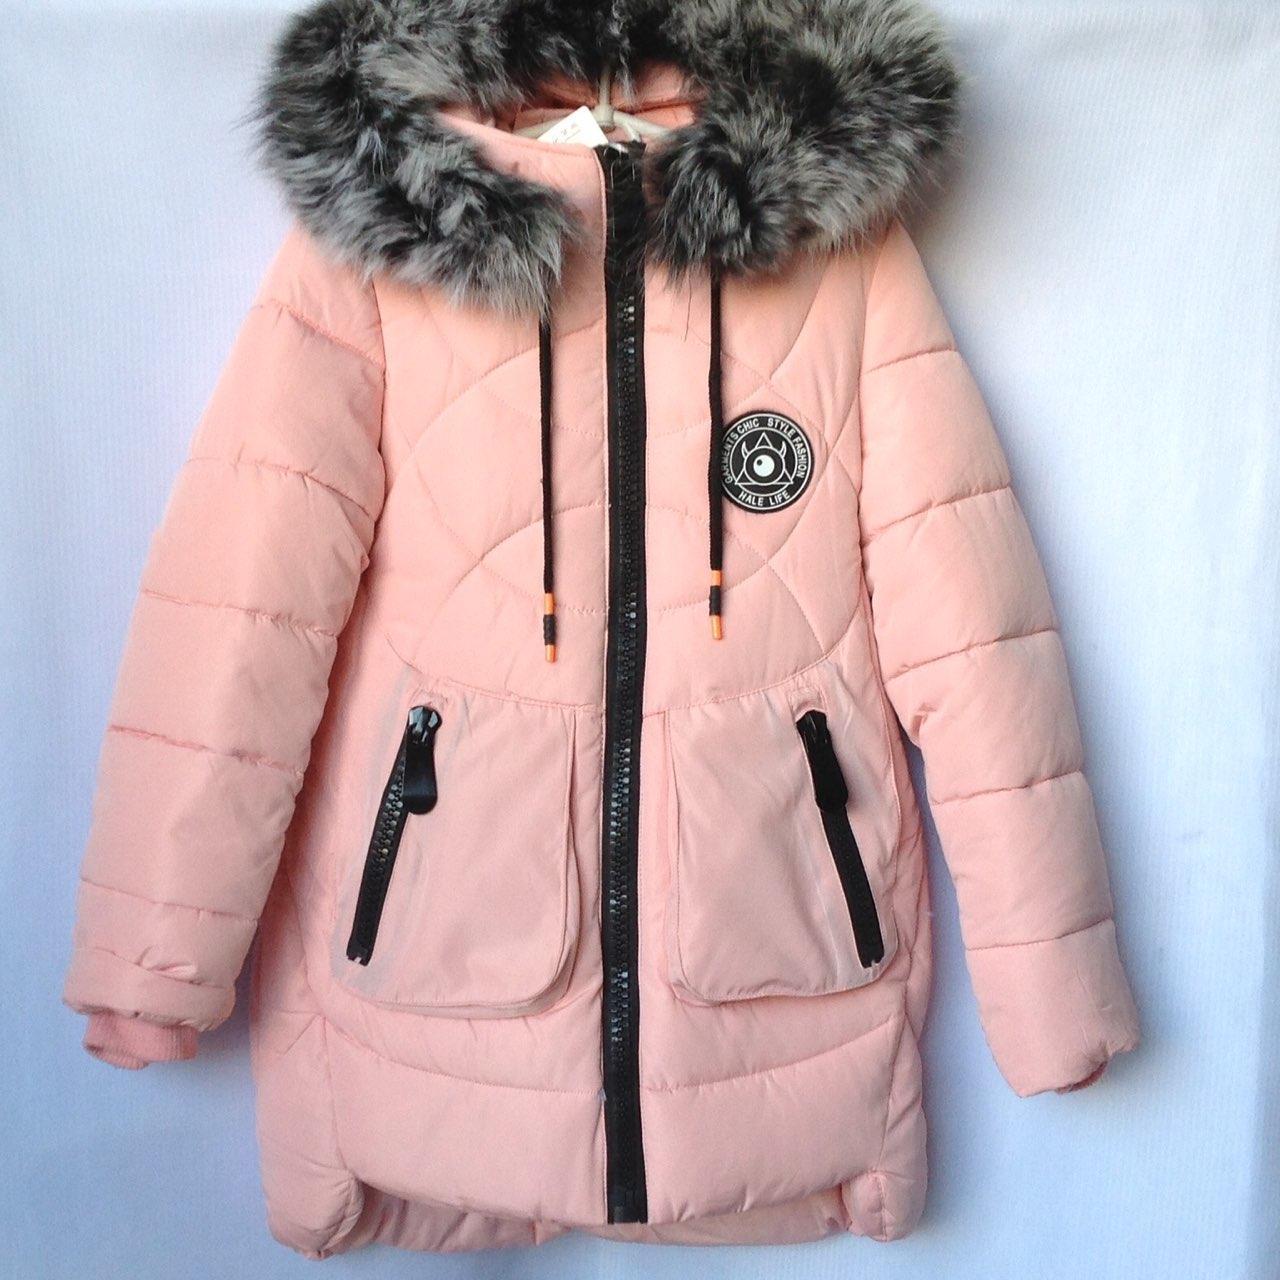 Куртка подростковая зимняя LIFE #1705 для девочек. 128-152 см (8-12 лет). Нежно-розовая. Оптом.